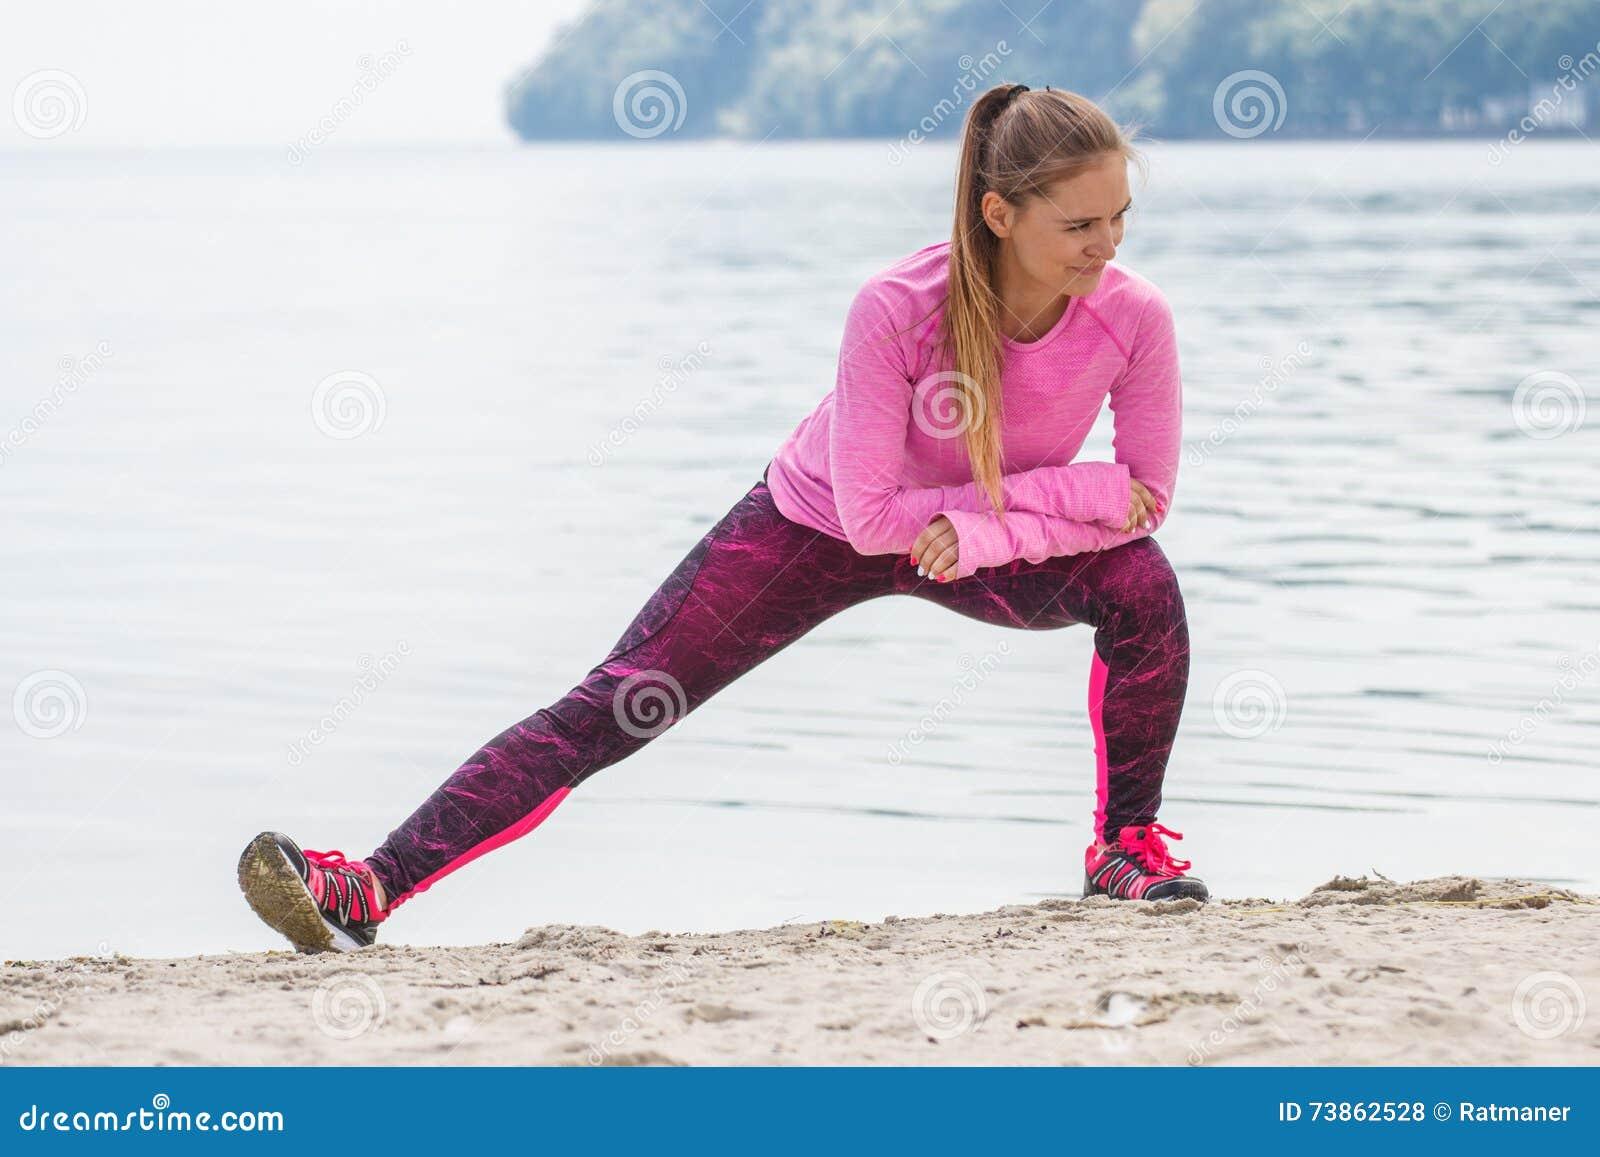 Esercita Ragazza Sportivi In Si Spiaggia Sulla Che Esile Vestiti wFgYzxFf